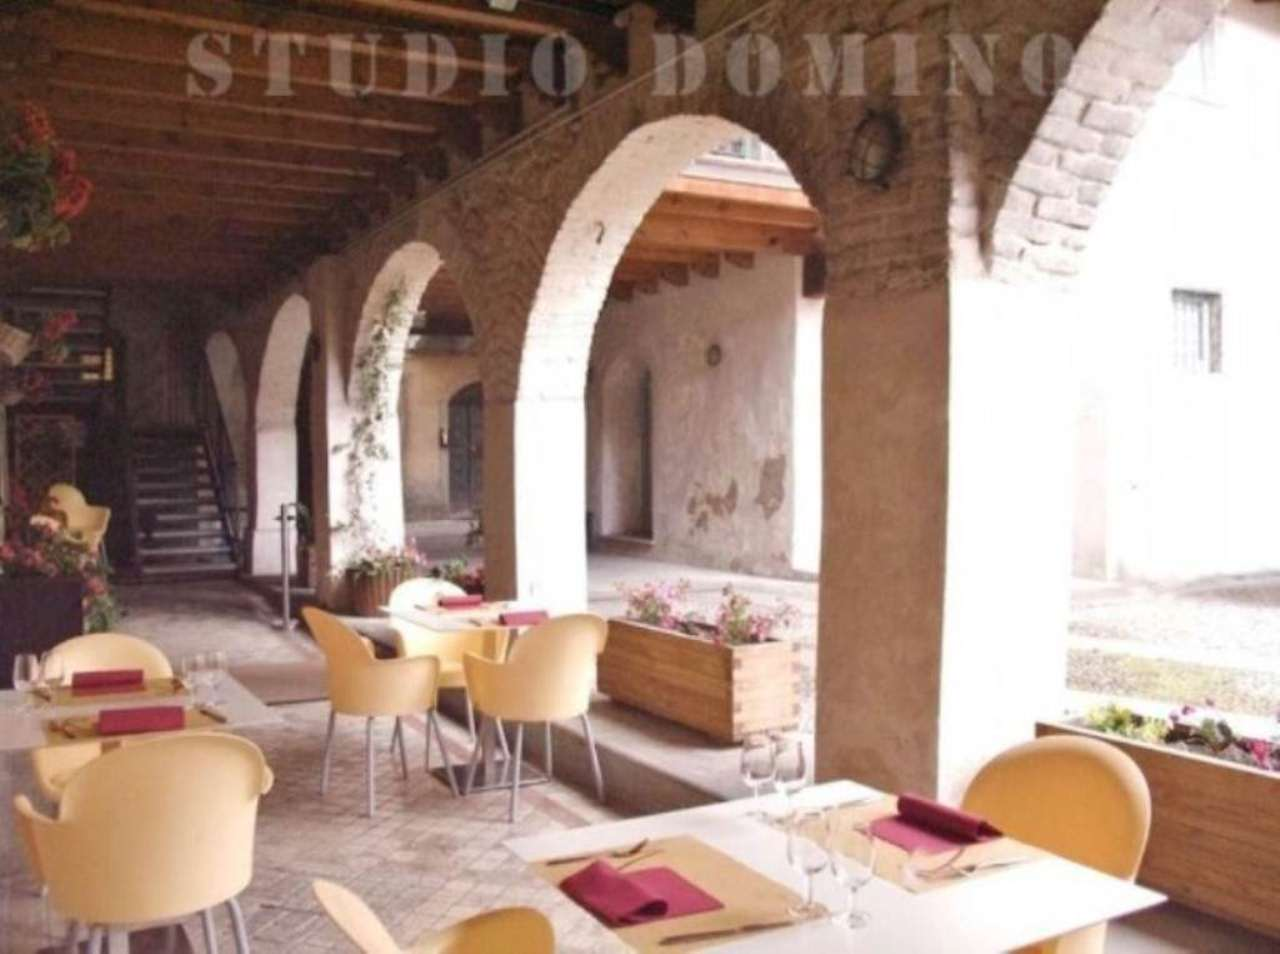 Ristorante / Pizzeria / Trattoria in vendita a Palazzolo sull'Oglio, 3 locali, Trattative riservate | Cambio Casa.it